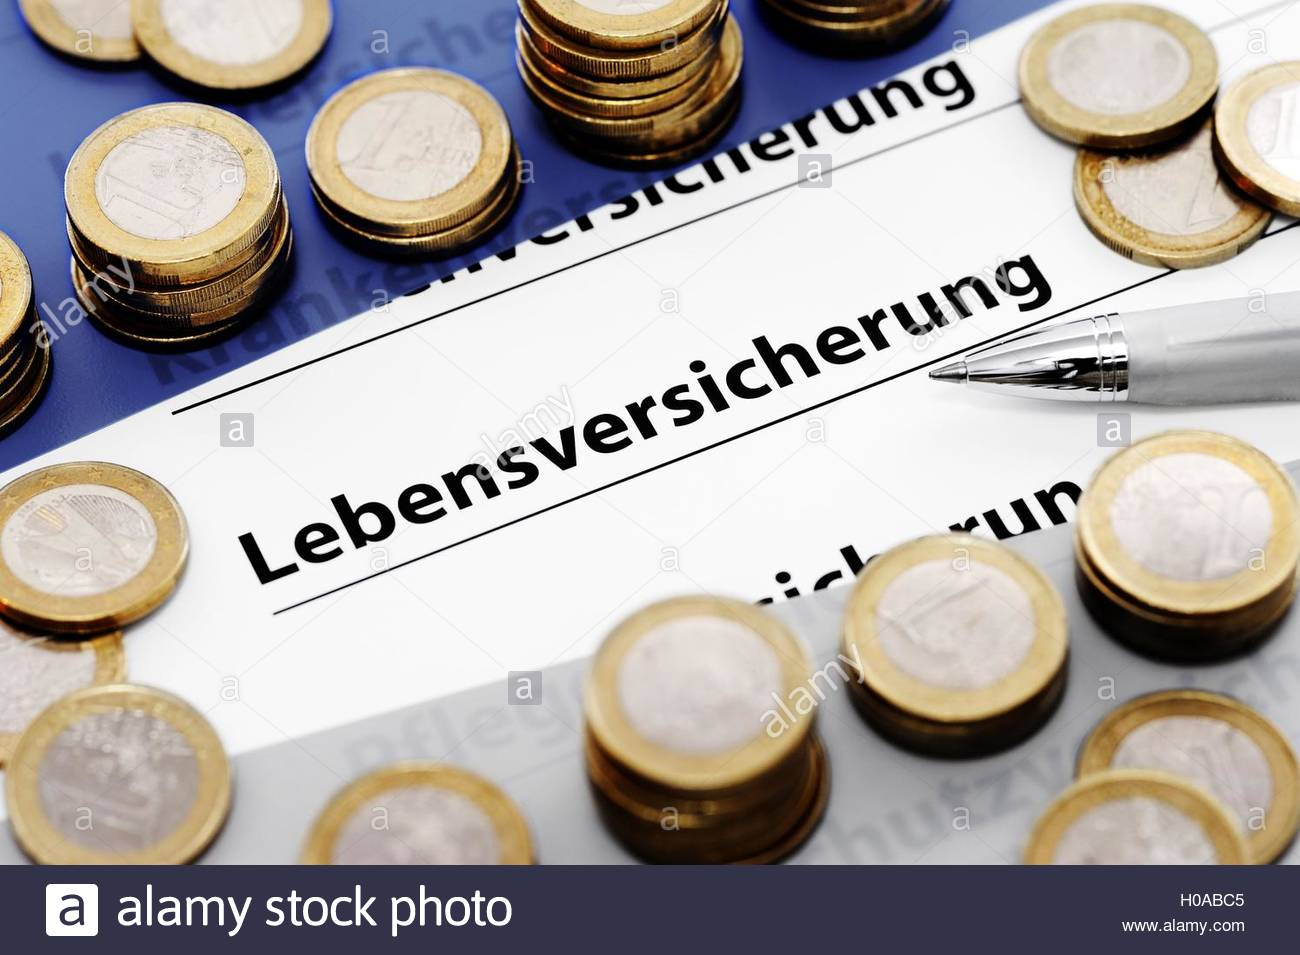 BLWX070289 [ (c) blickwinkel/McPHOTOx/Christian Ohde Tel. +49 (0)2302-2793220, E-mail: info@blickwinkel.de, Internet: - Stock Image